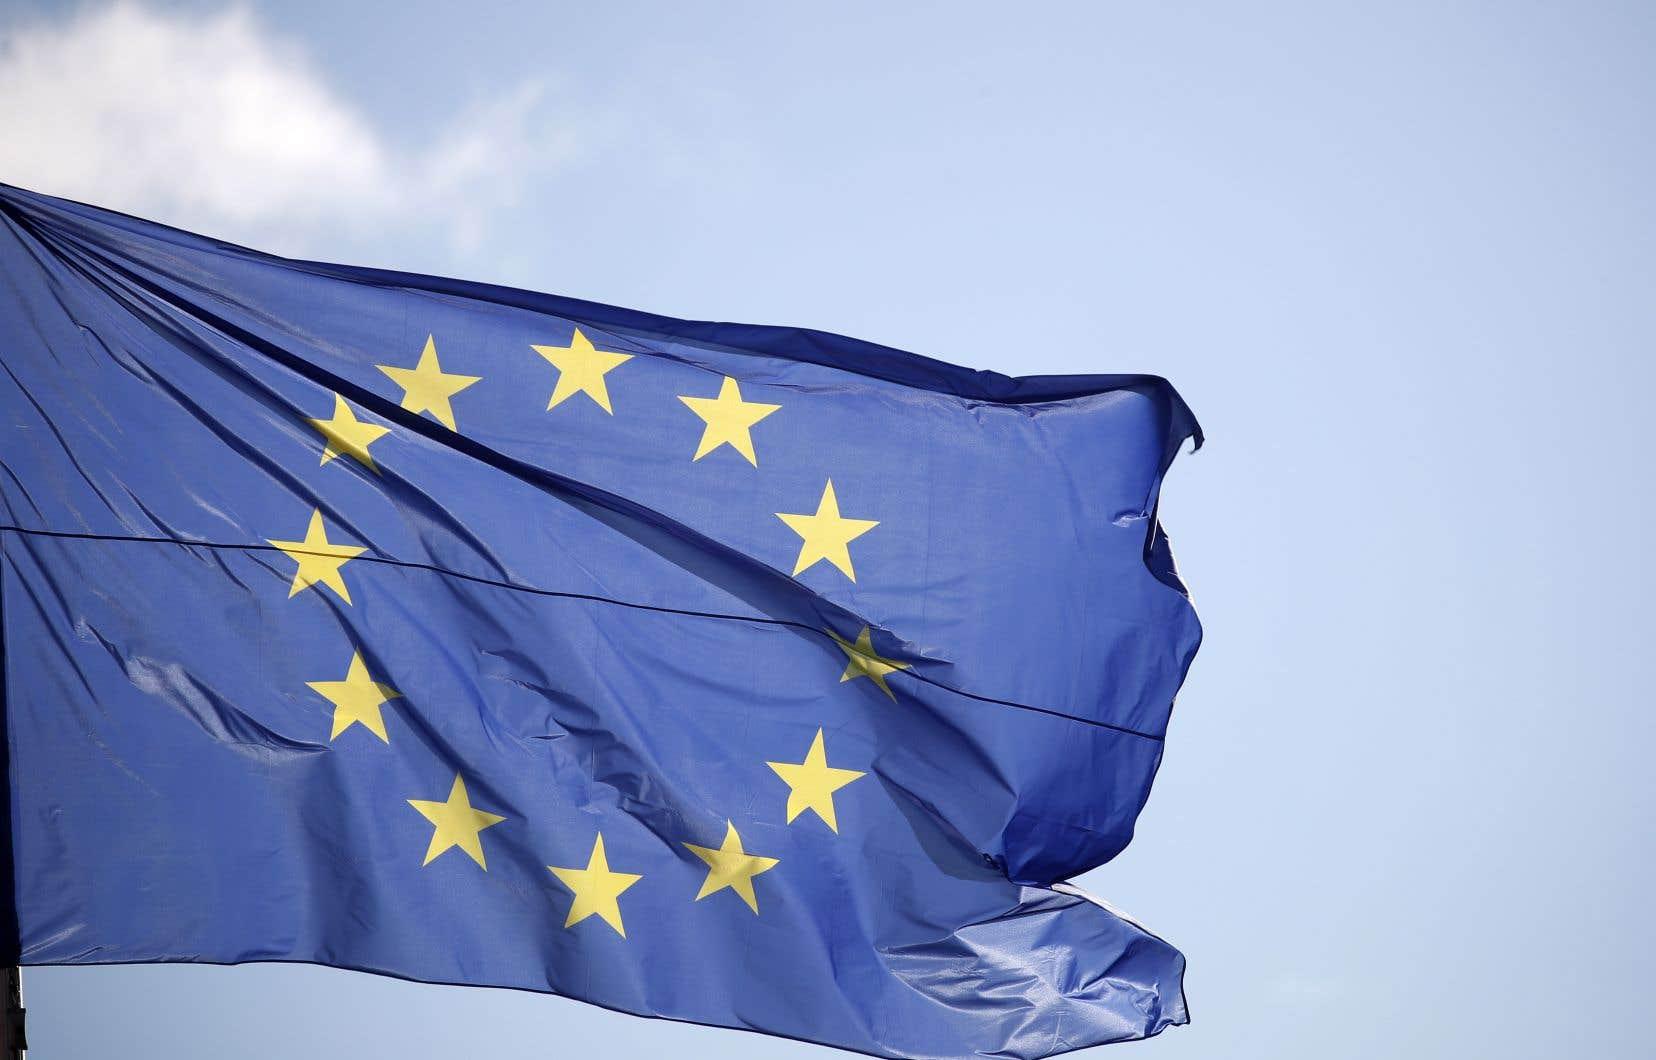 Une fois publiées dans le journal officiel de l'UE, les États membres auront 24 mois pour transposer les nouvelles règles dans leurs législations nationales.